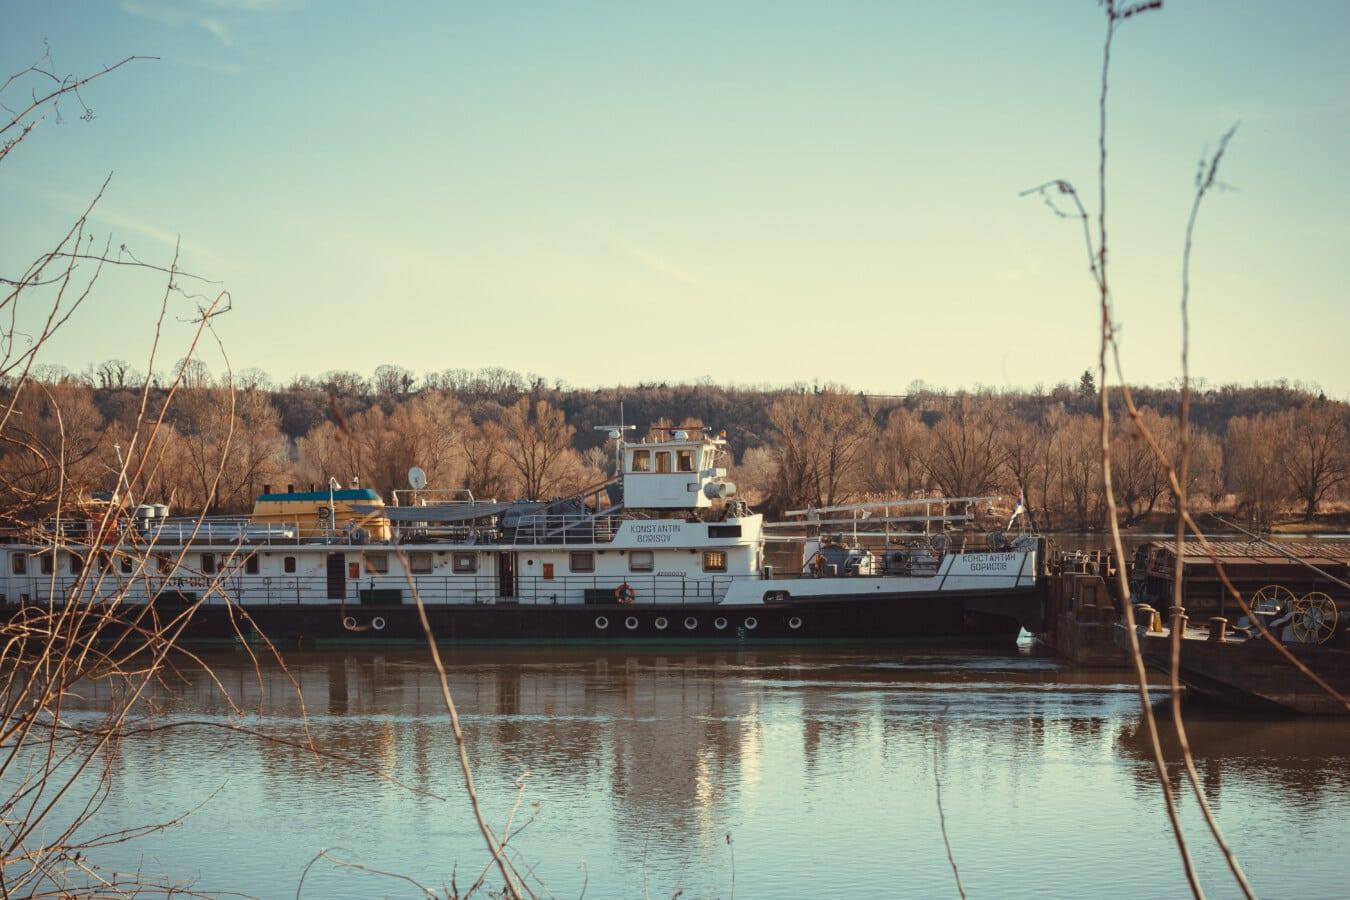 transport, Cargo, barge, lourdes, équipement, industriel, expédition, eau, bateau, rivière